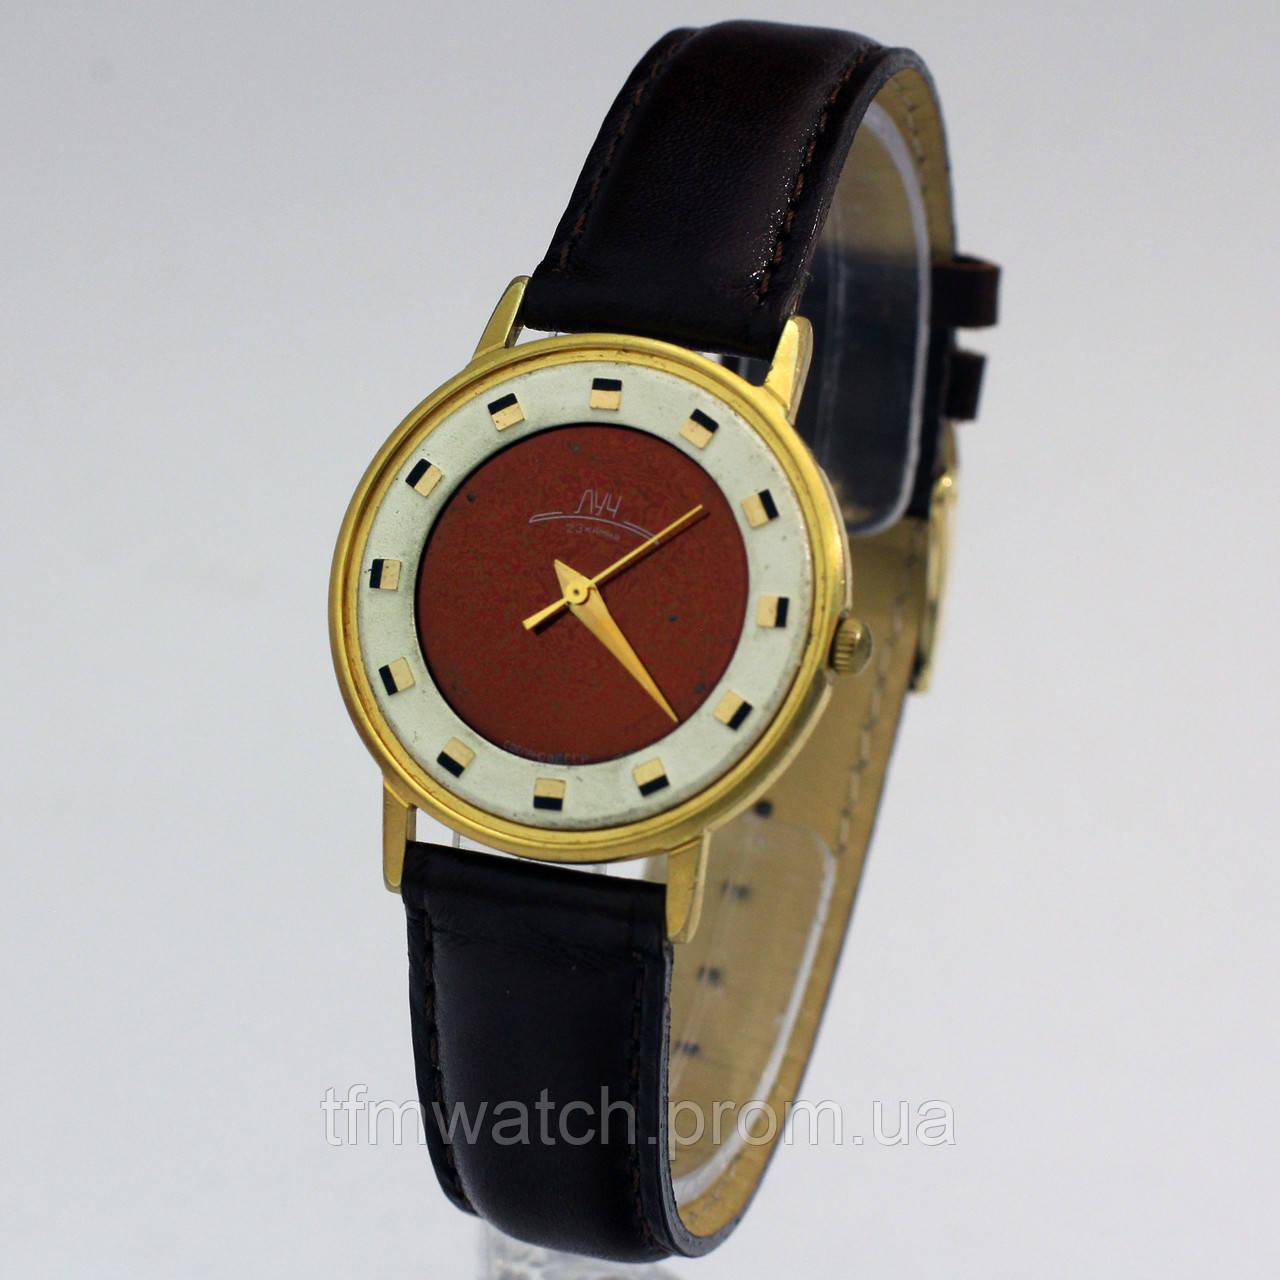 Часы Луч мужские позолоченные